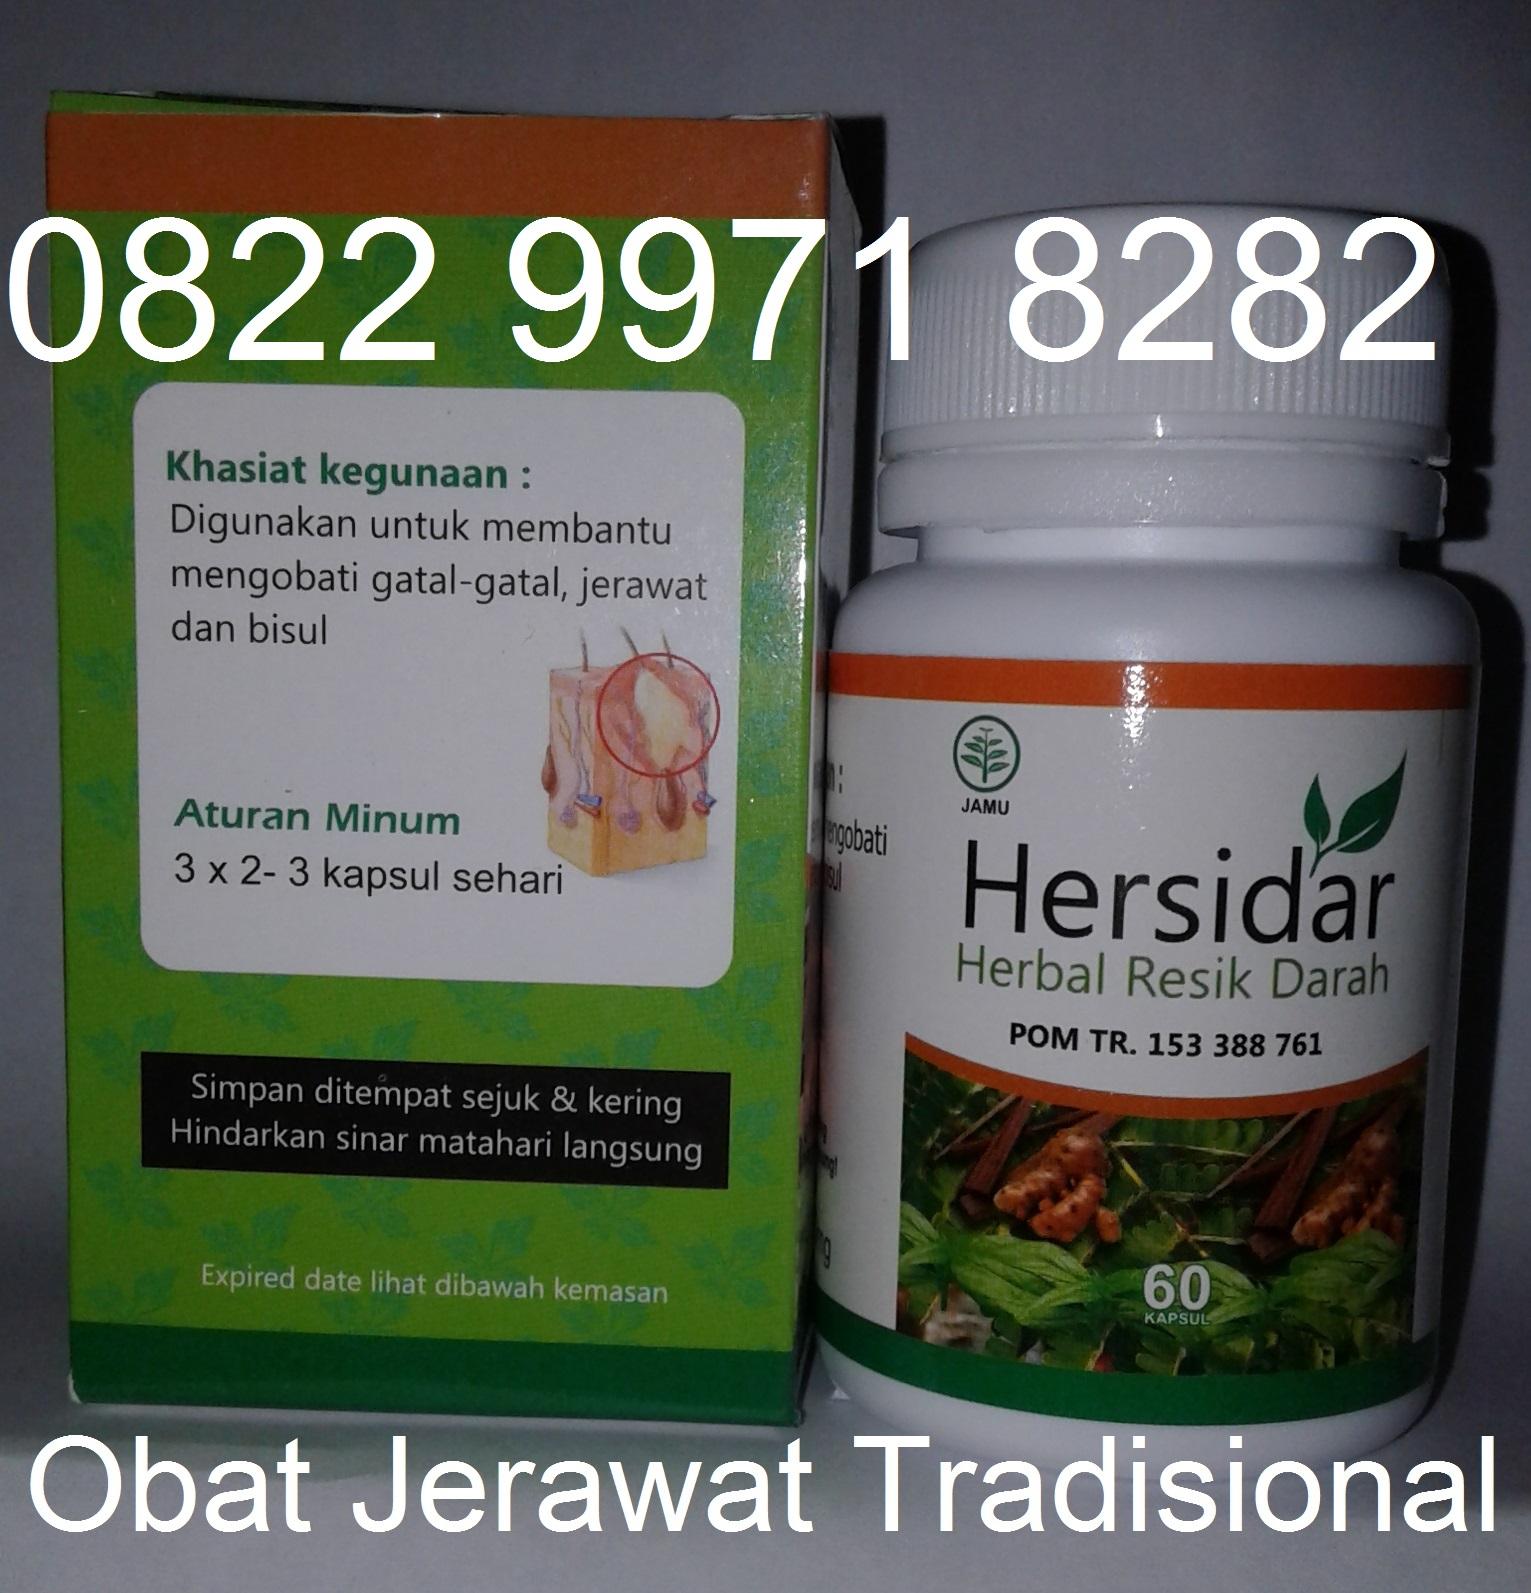 Obat Alami Herbal Penghilang Jerawat Bersih Wajah BerBPOM